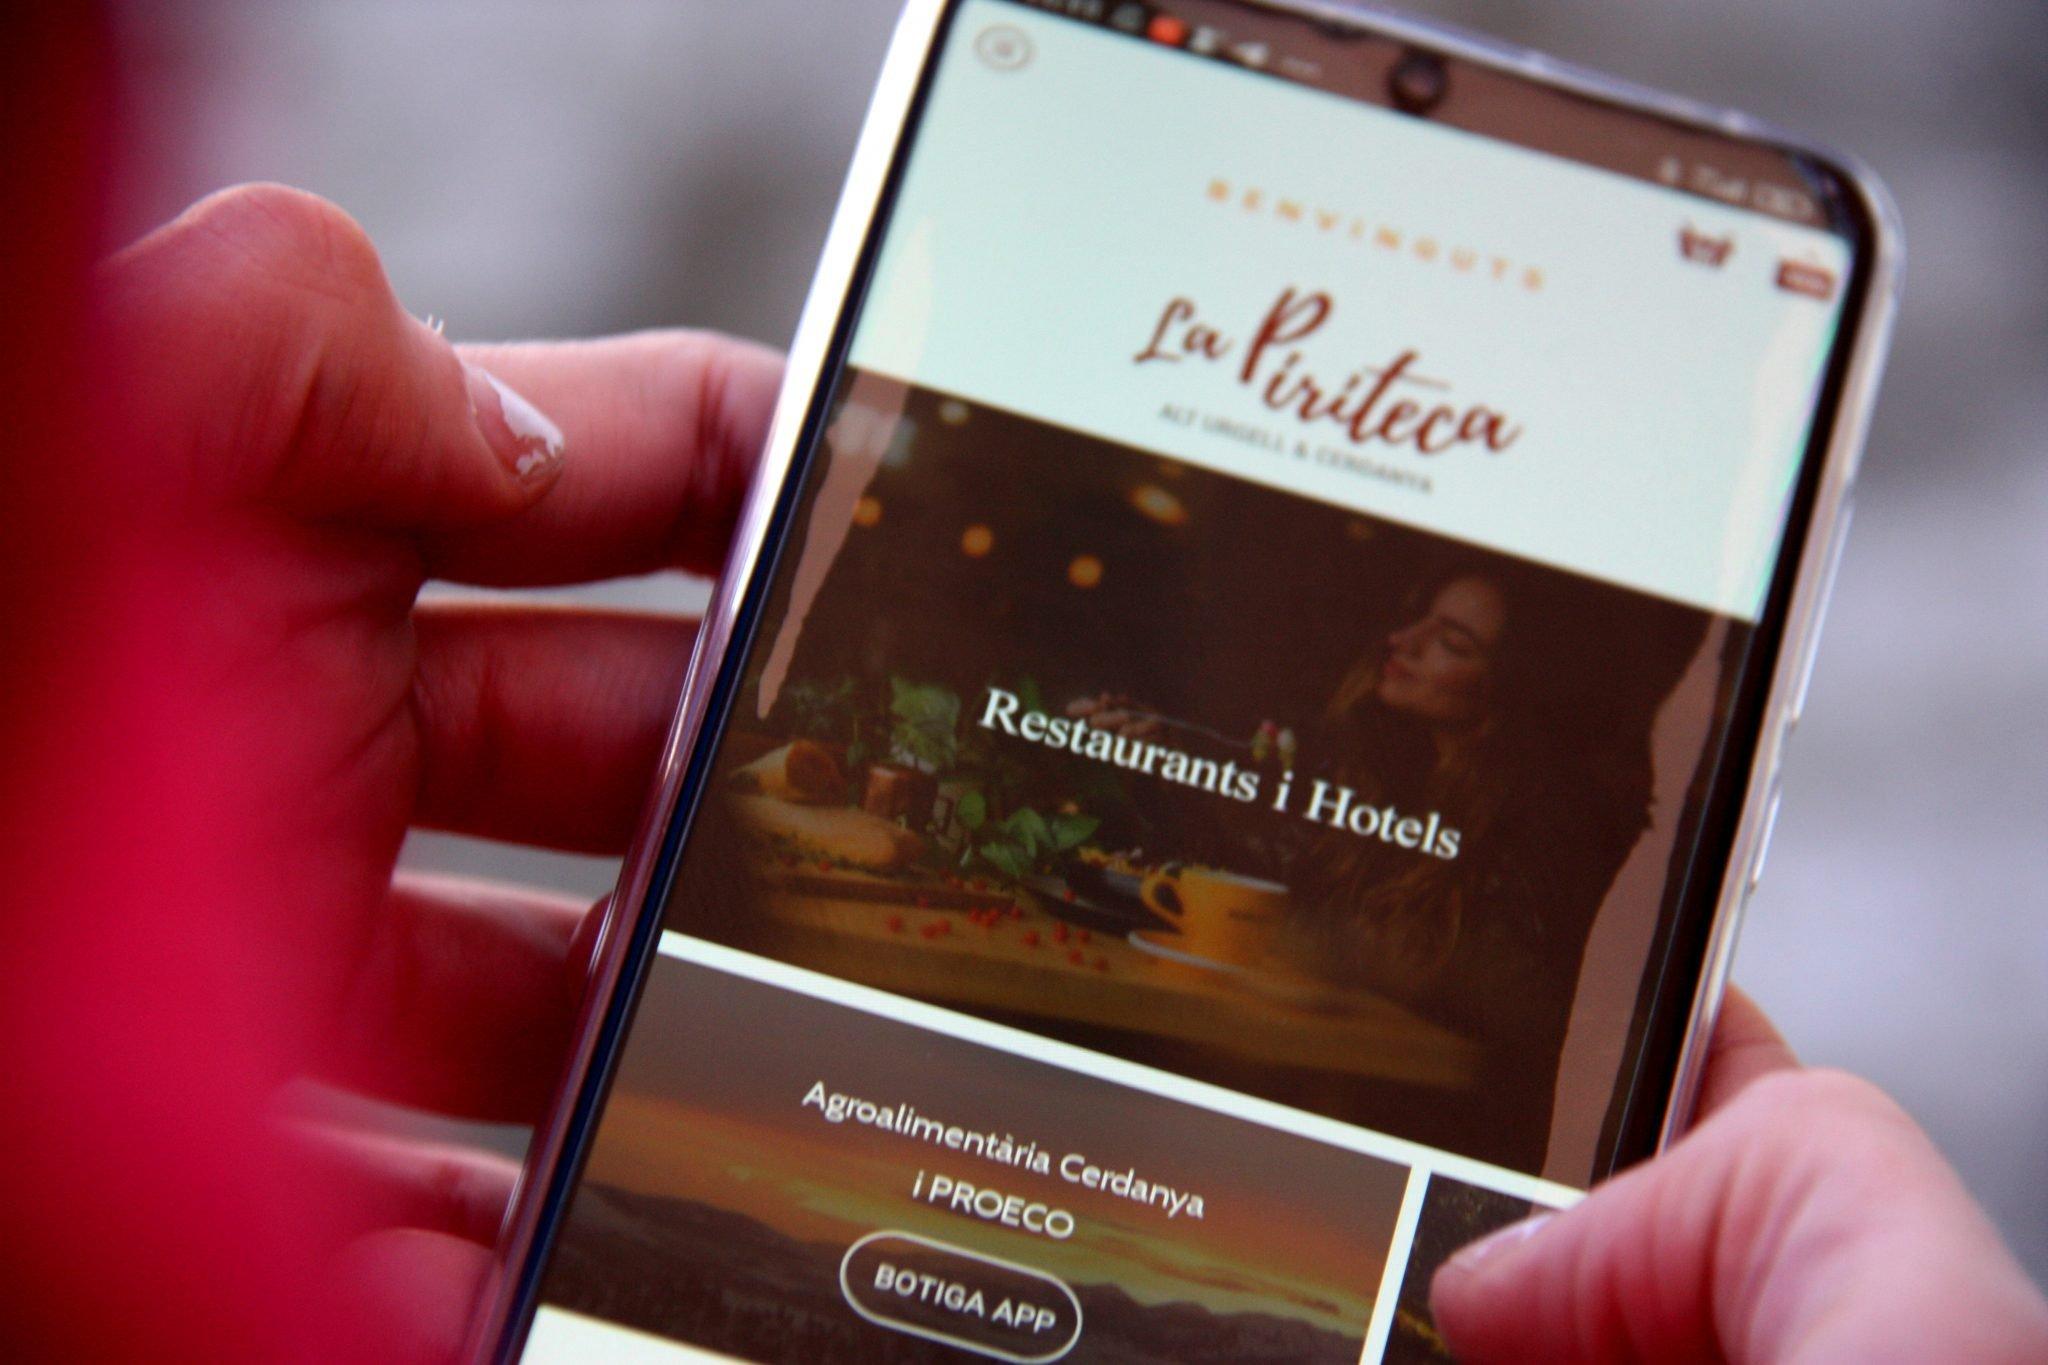 Imatge de la app La Piriteca